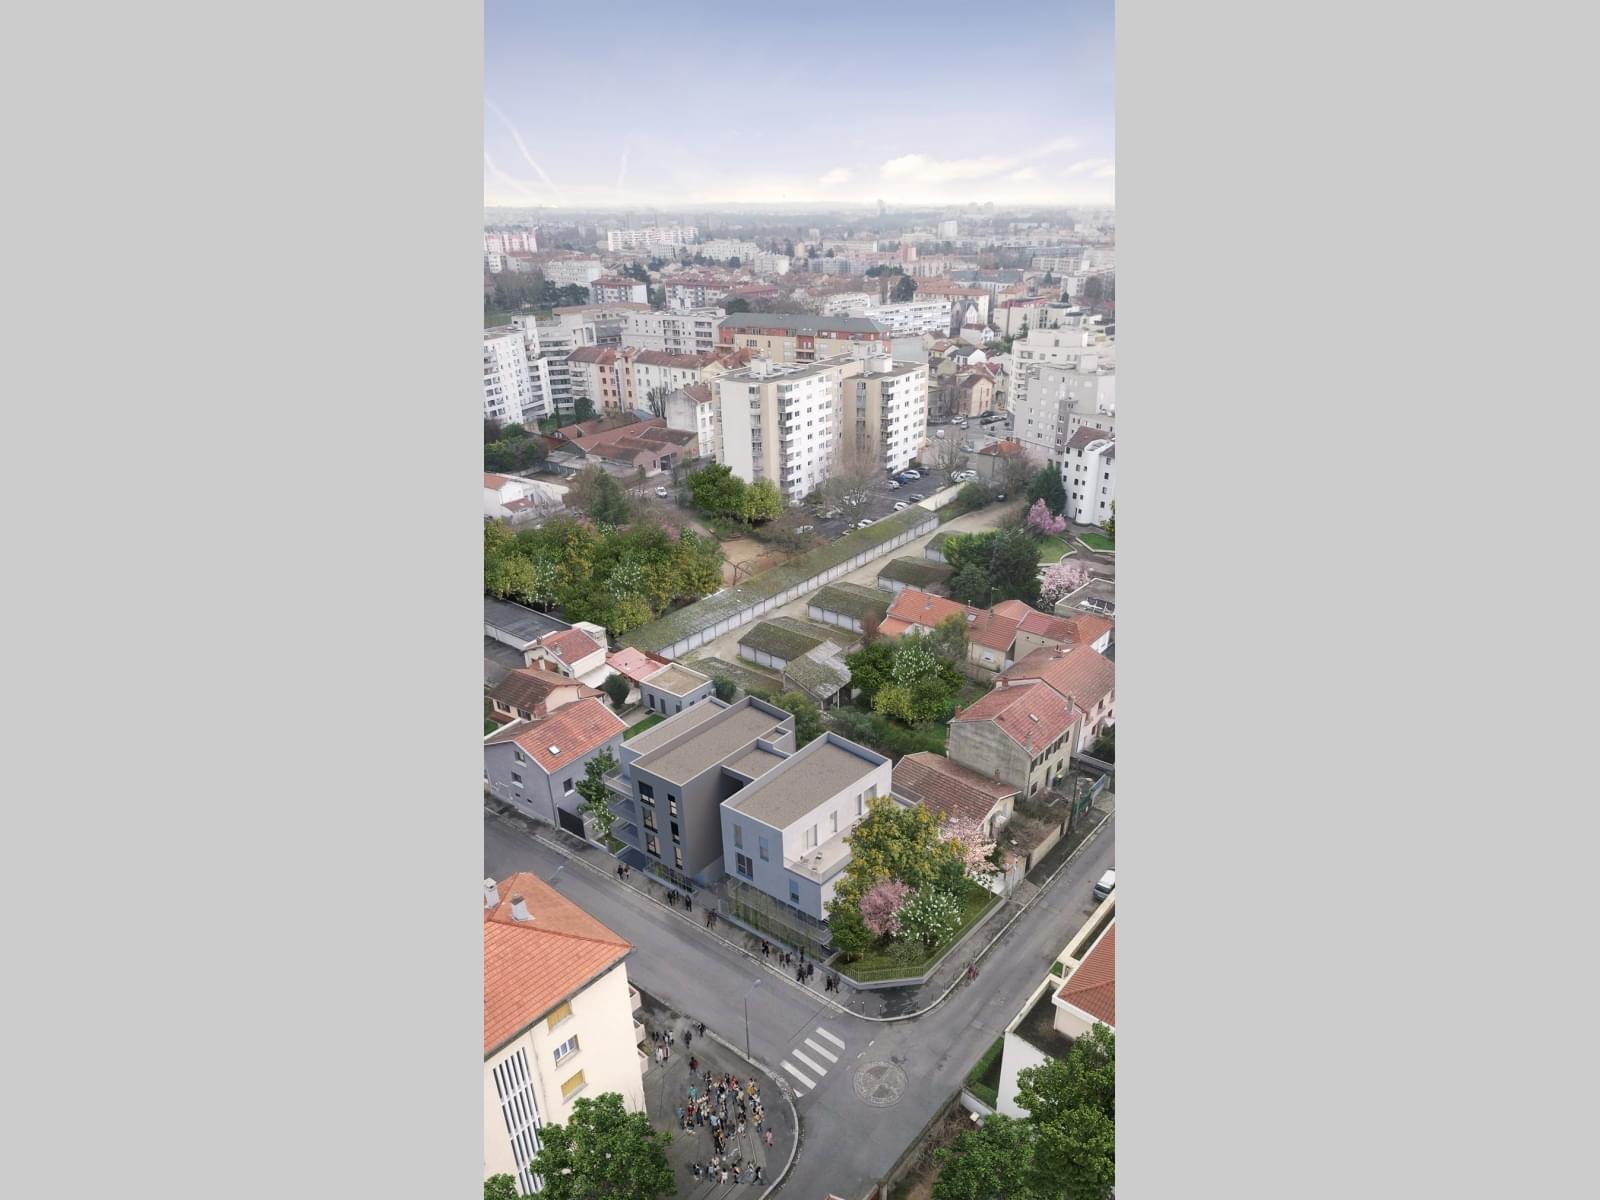 Résidence à Villeurbanne Quartier pavillonnaire et résidentiel au calme, A 300 mètres des Trams T1 et T4, Commerces de l'Avenue Roger Salengro à 500 mètres ,